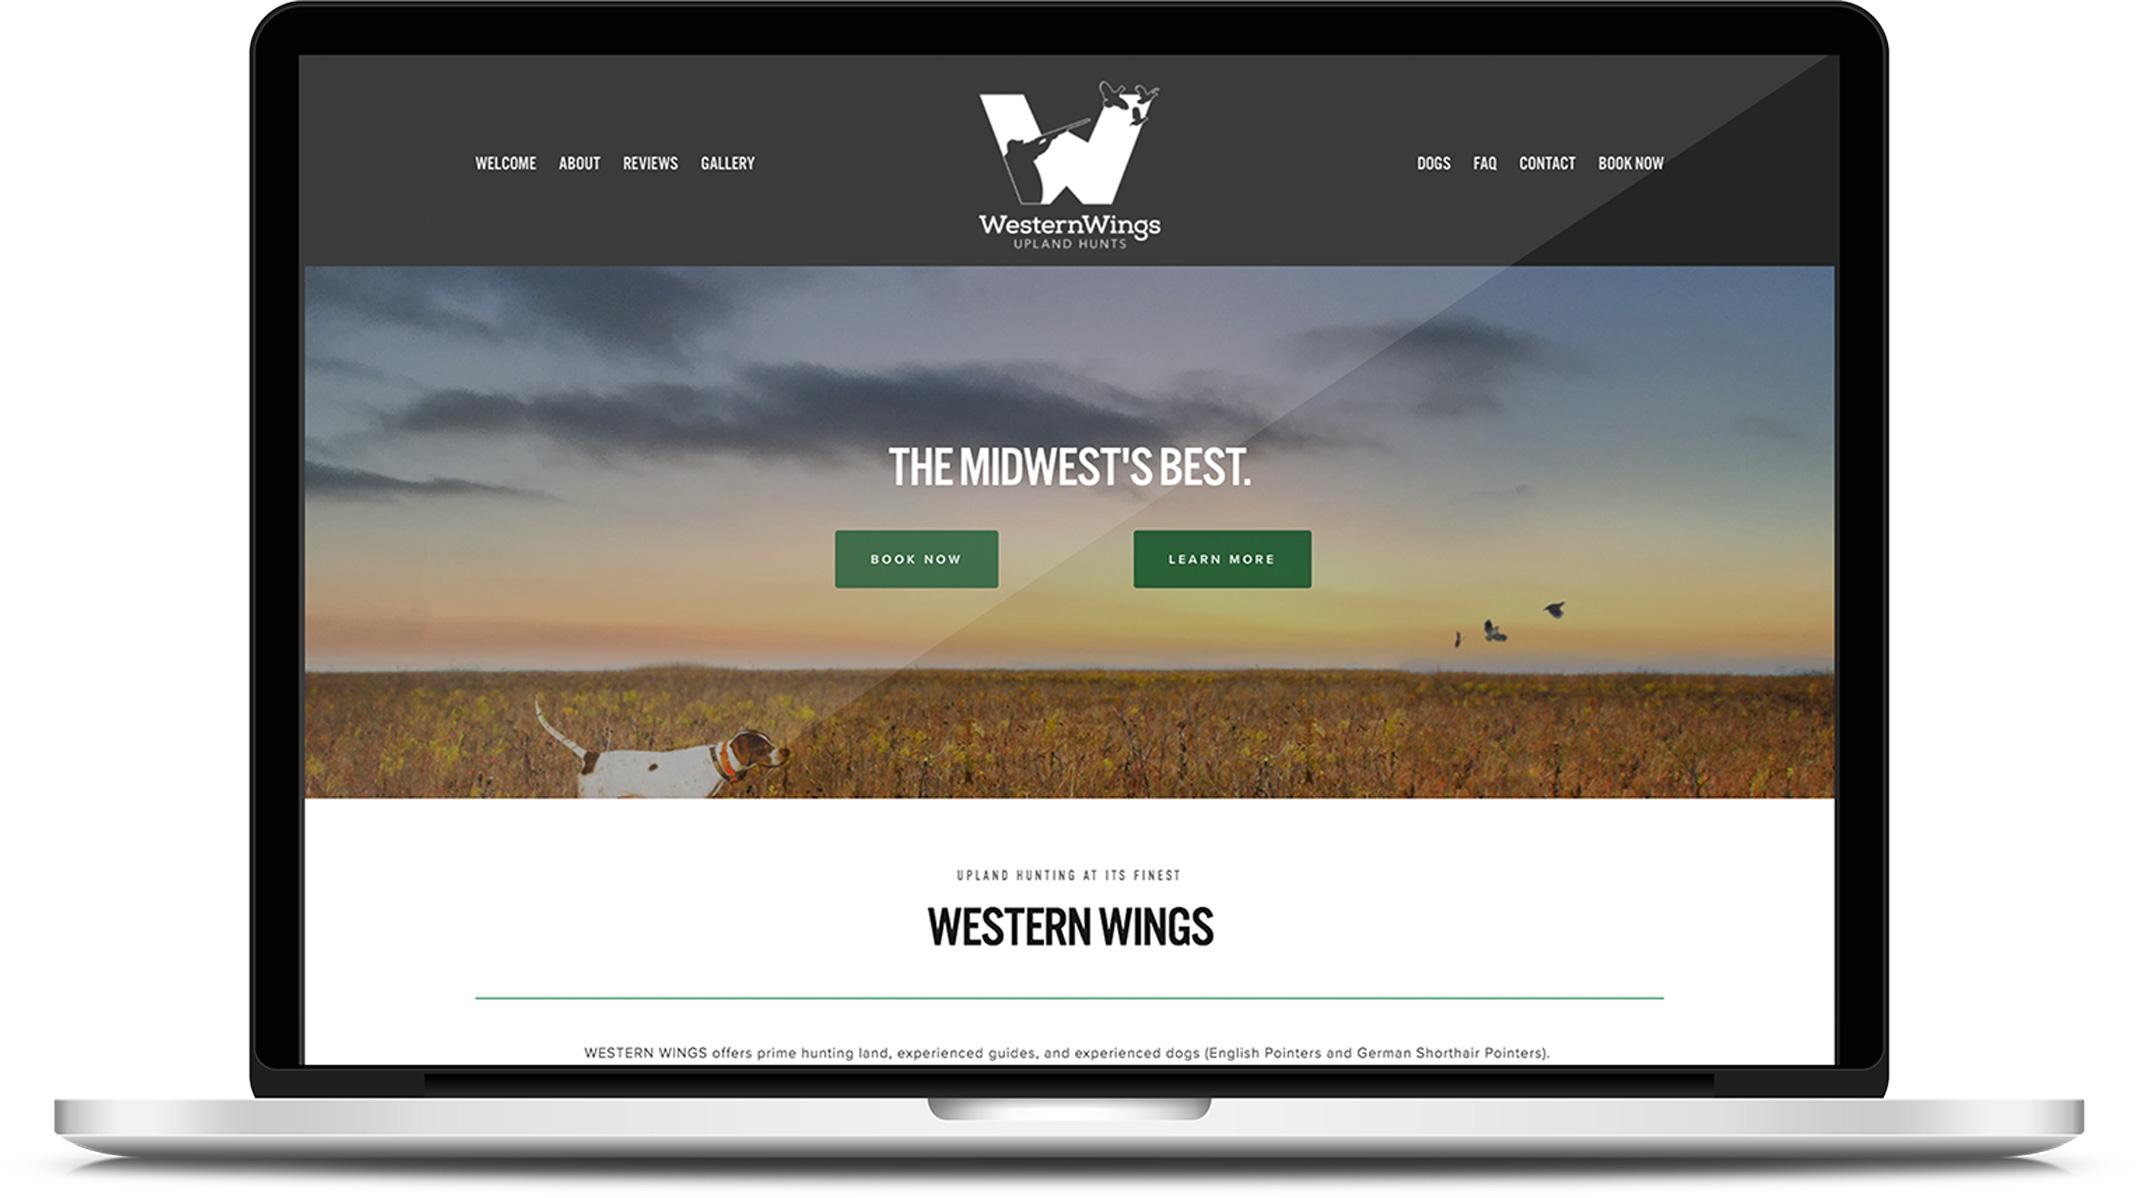 WesternWings-Laptop.jpg